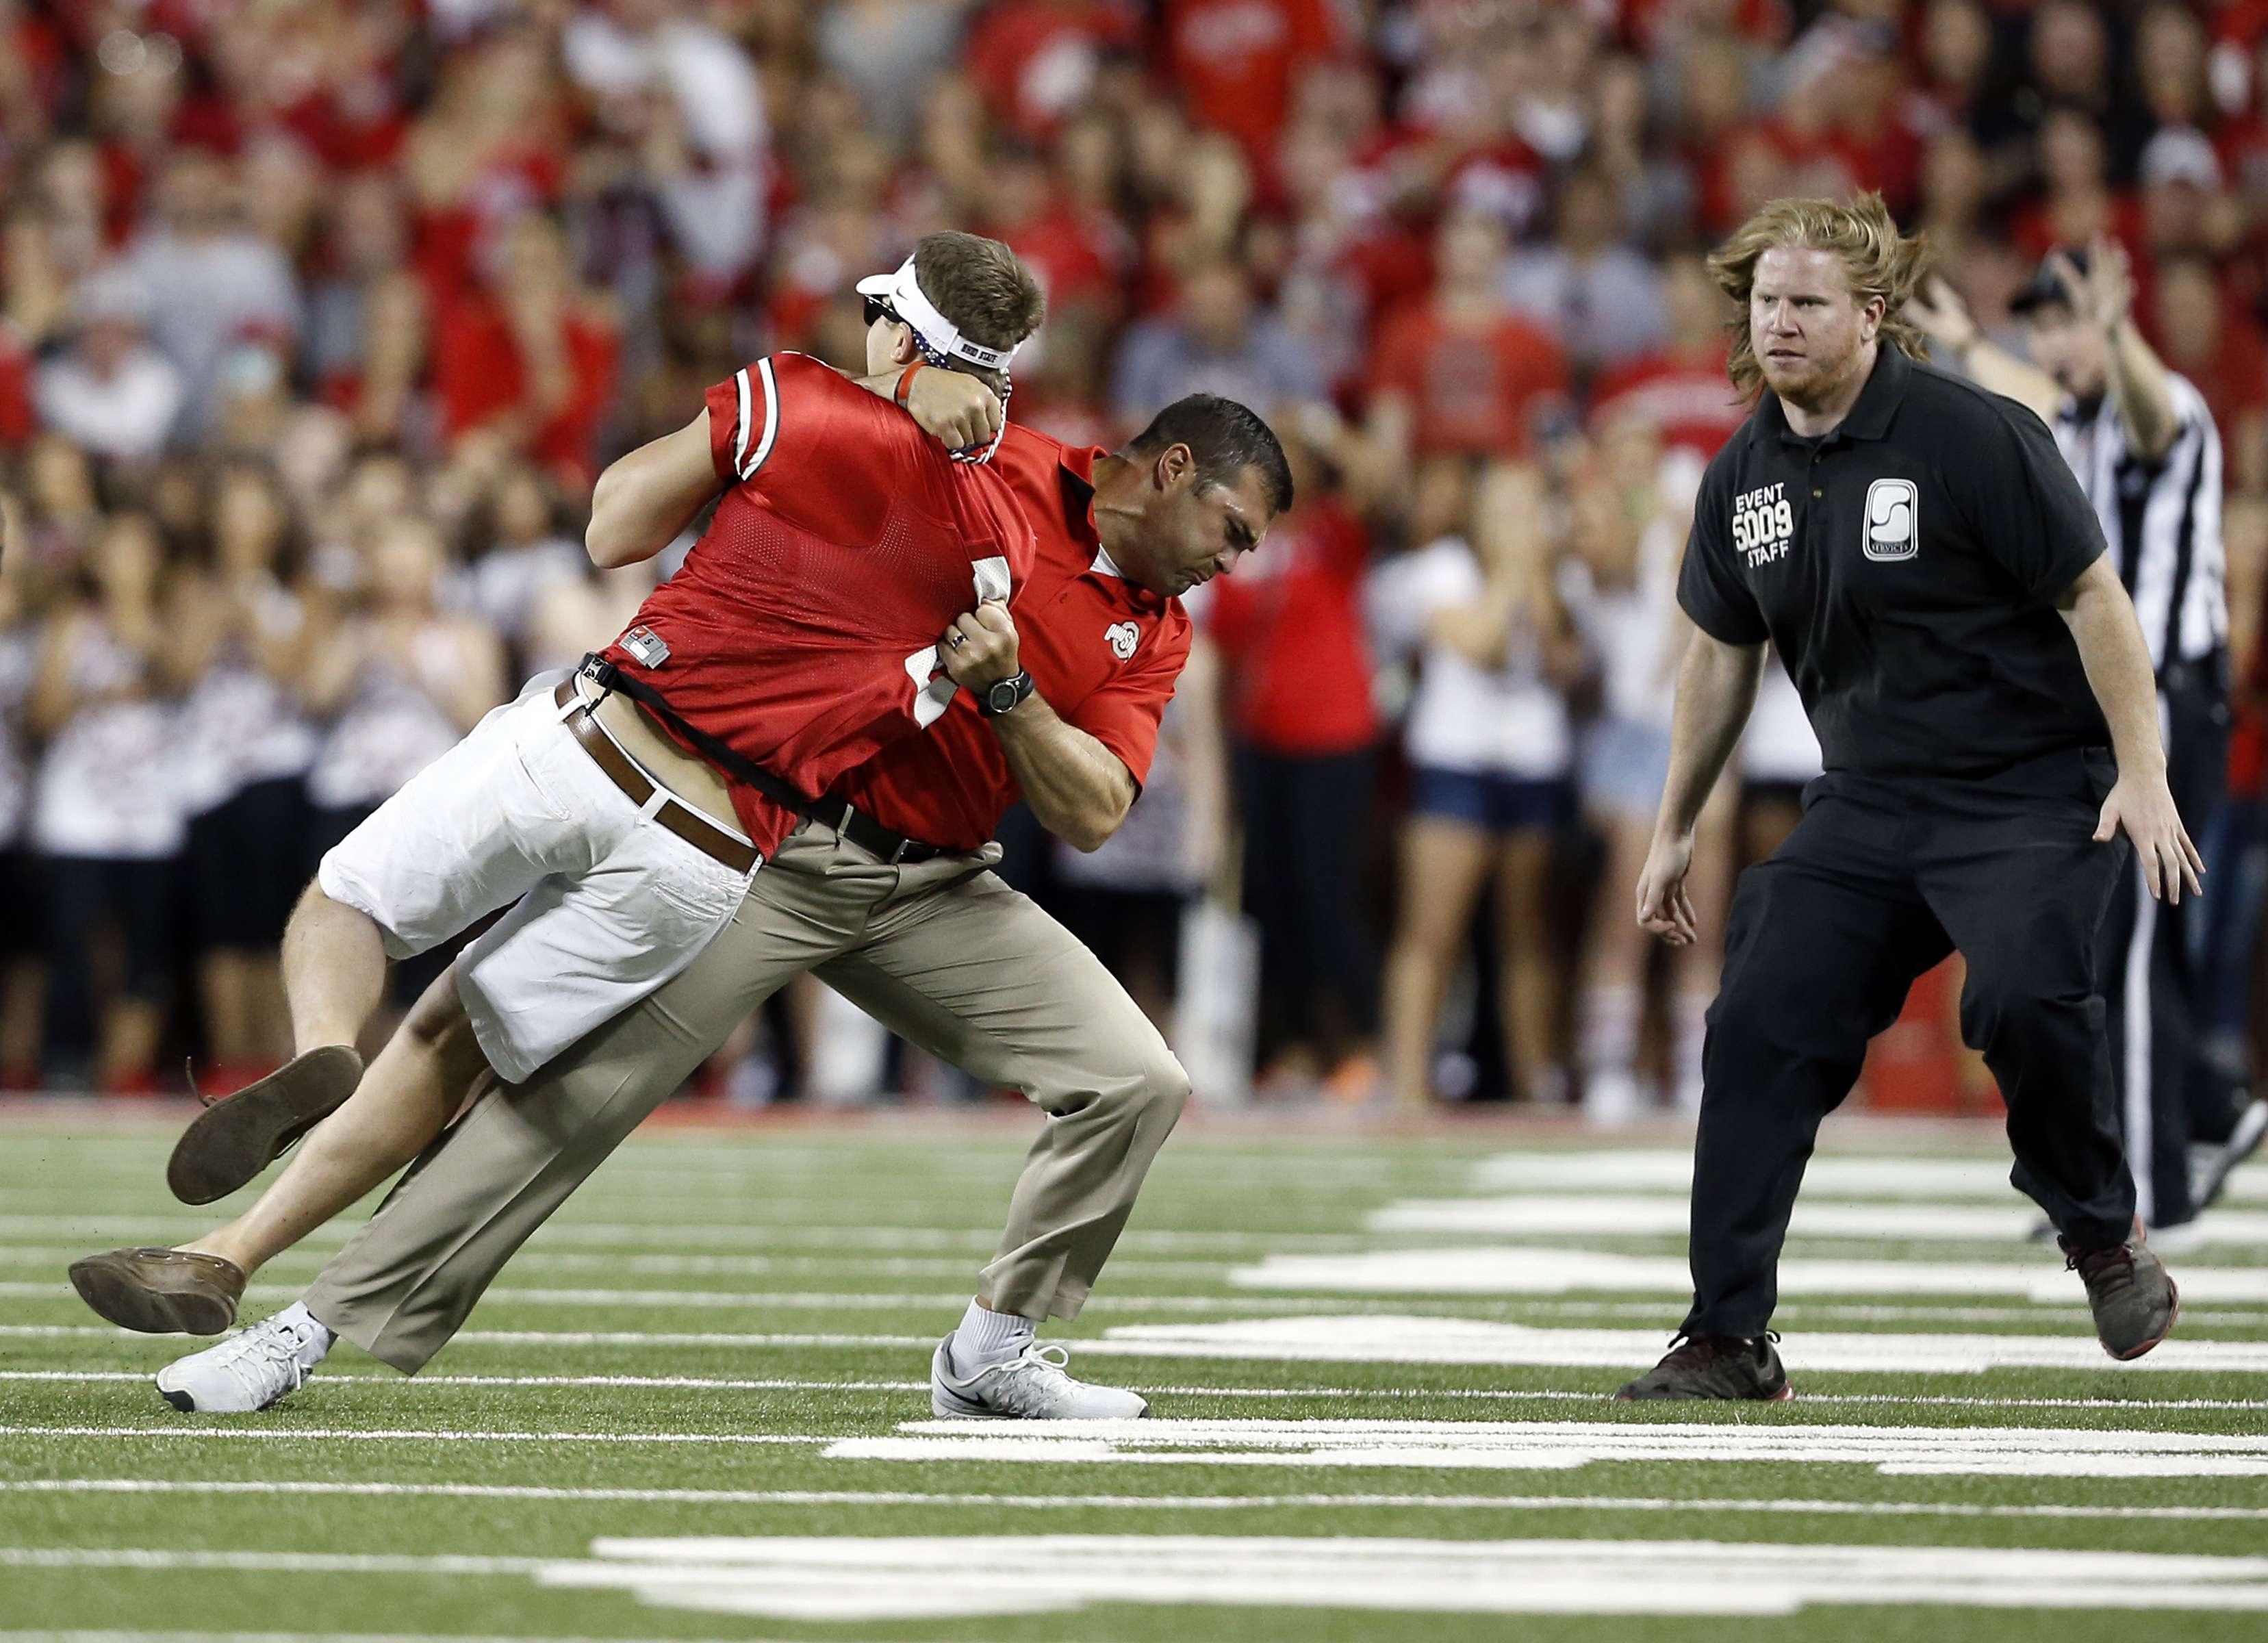 Treinador-assistente de força da universidade de Ohio State deu um tackle em invasor de campo Foto: Adam Cairns/AP